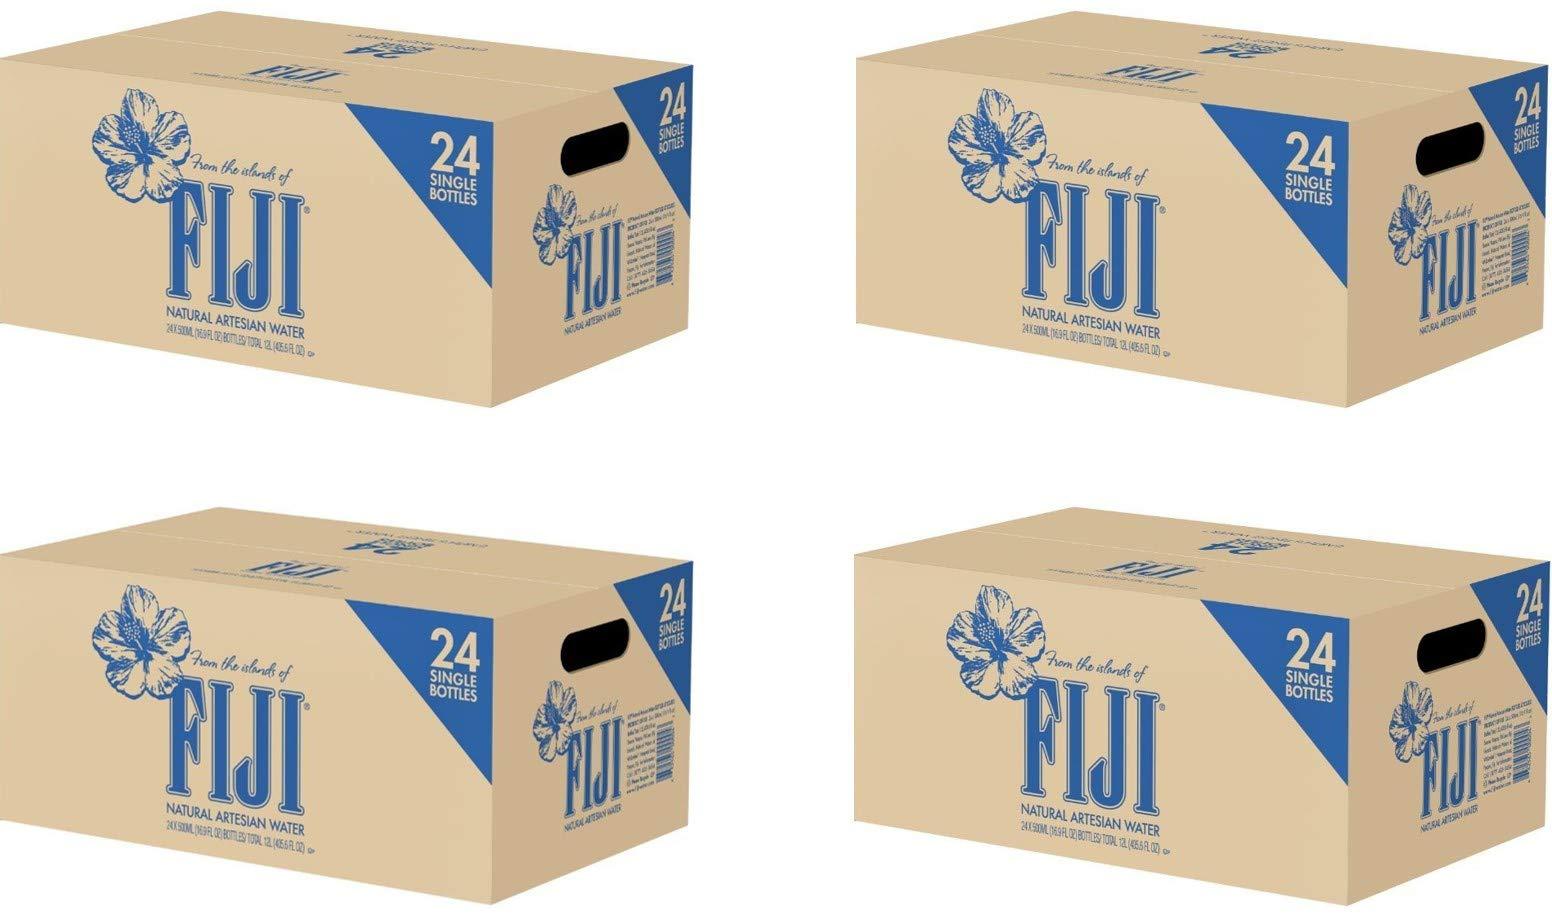 PIUFXSD Natural Artesian Water, 16.9 Fl Oz (Pack of 24 Bottles) (4 Pack of 24)